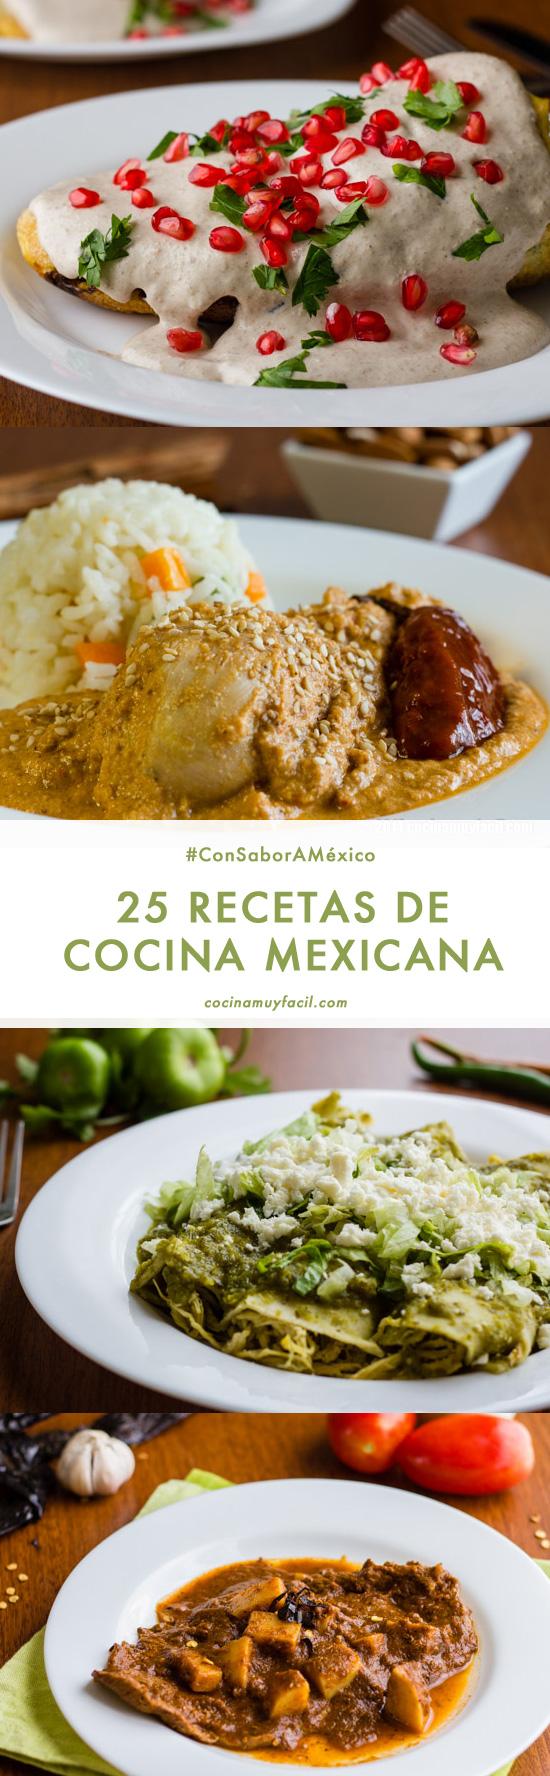 25 Recetas De Cocina Tradicional Mexicana Porque Tenemos